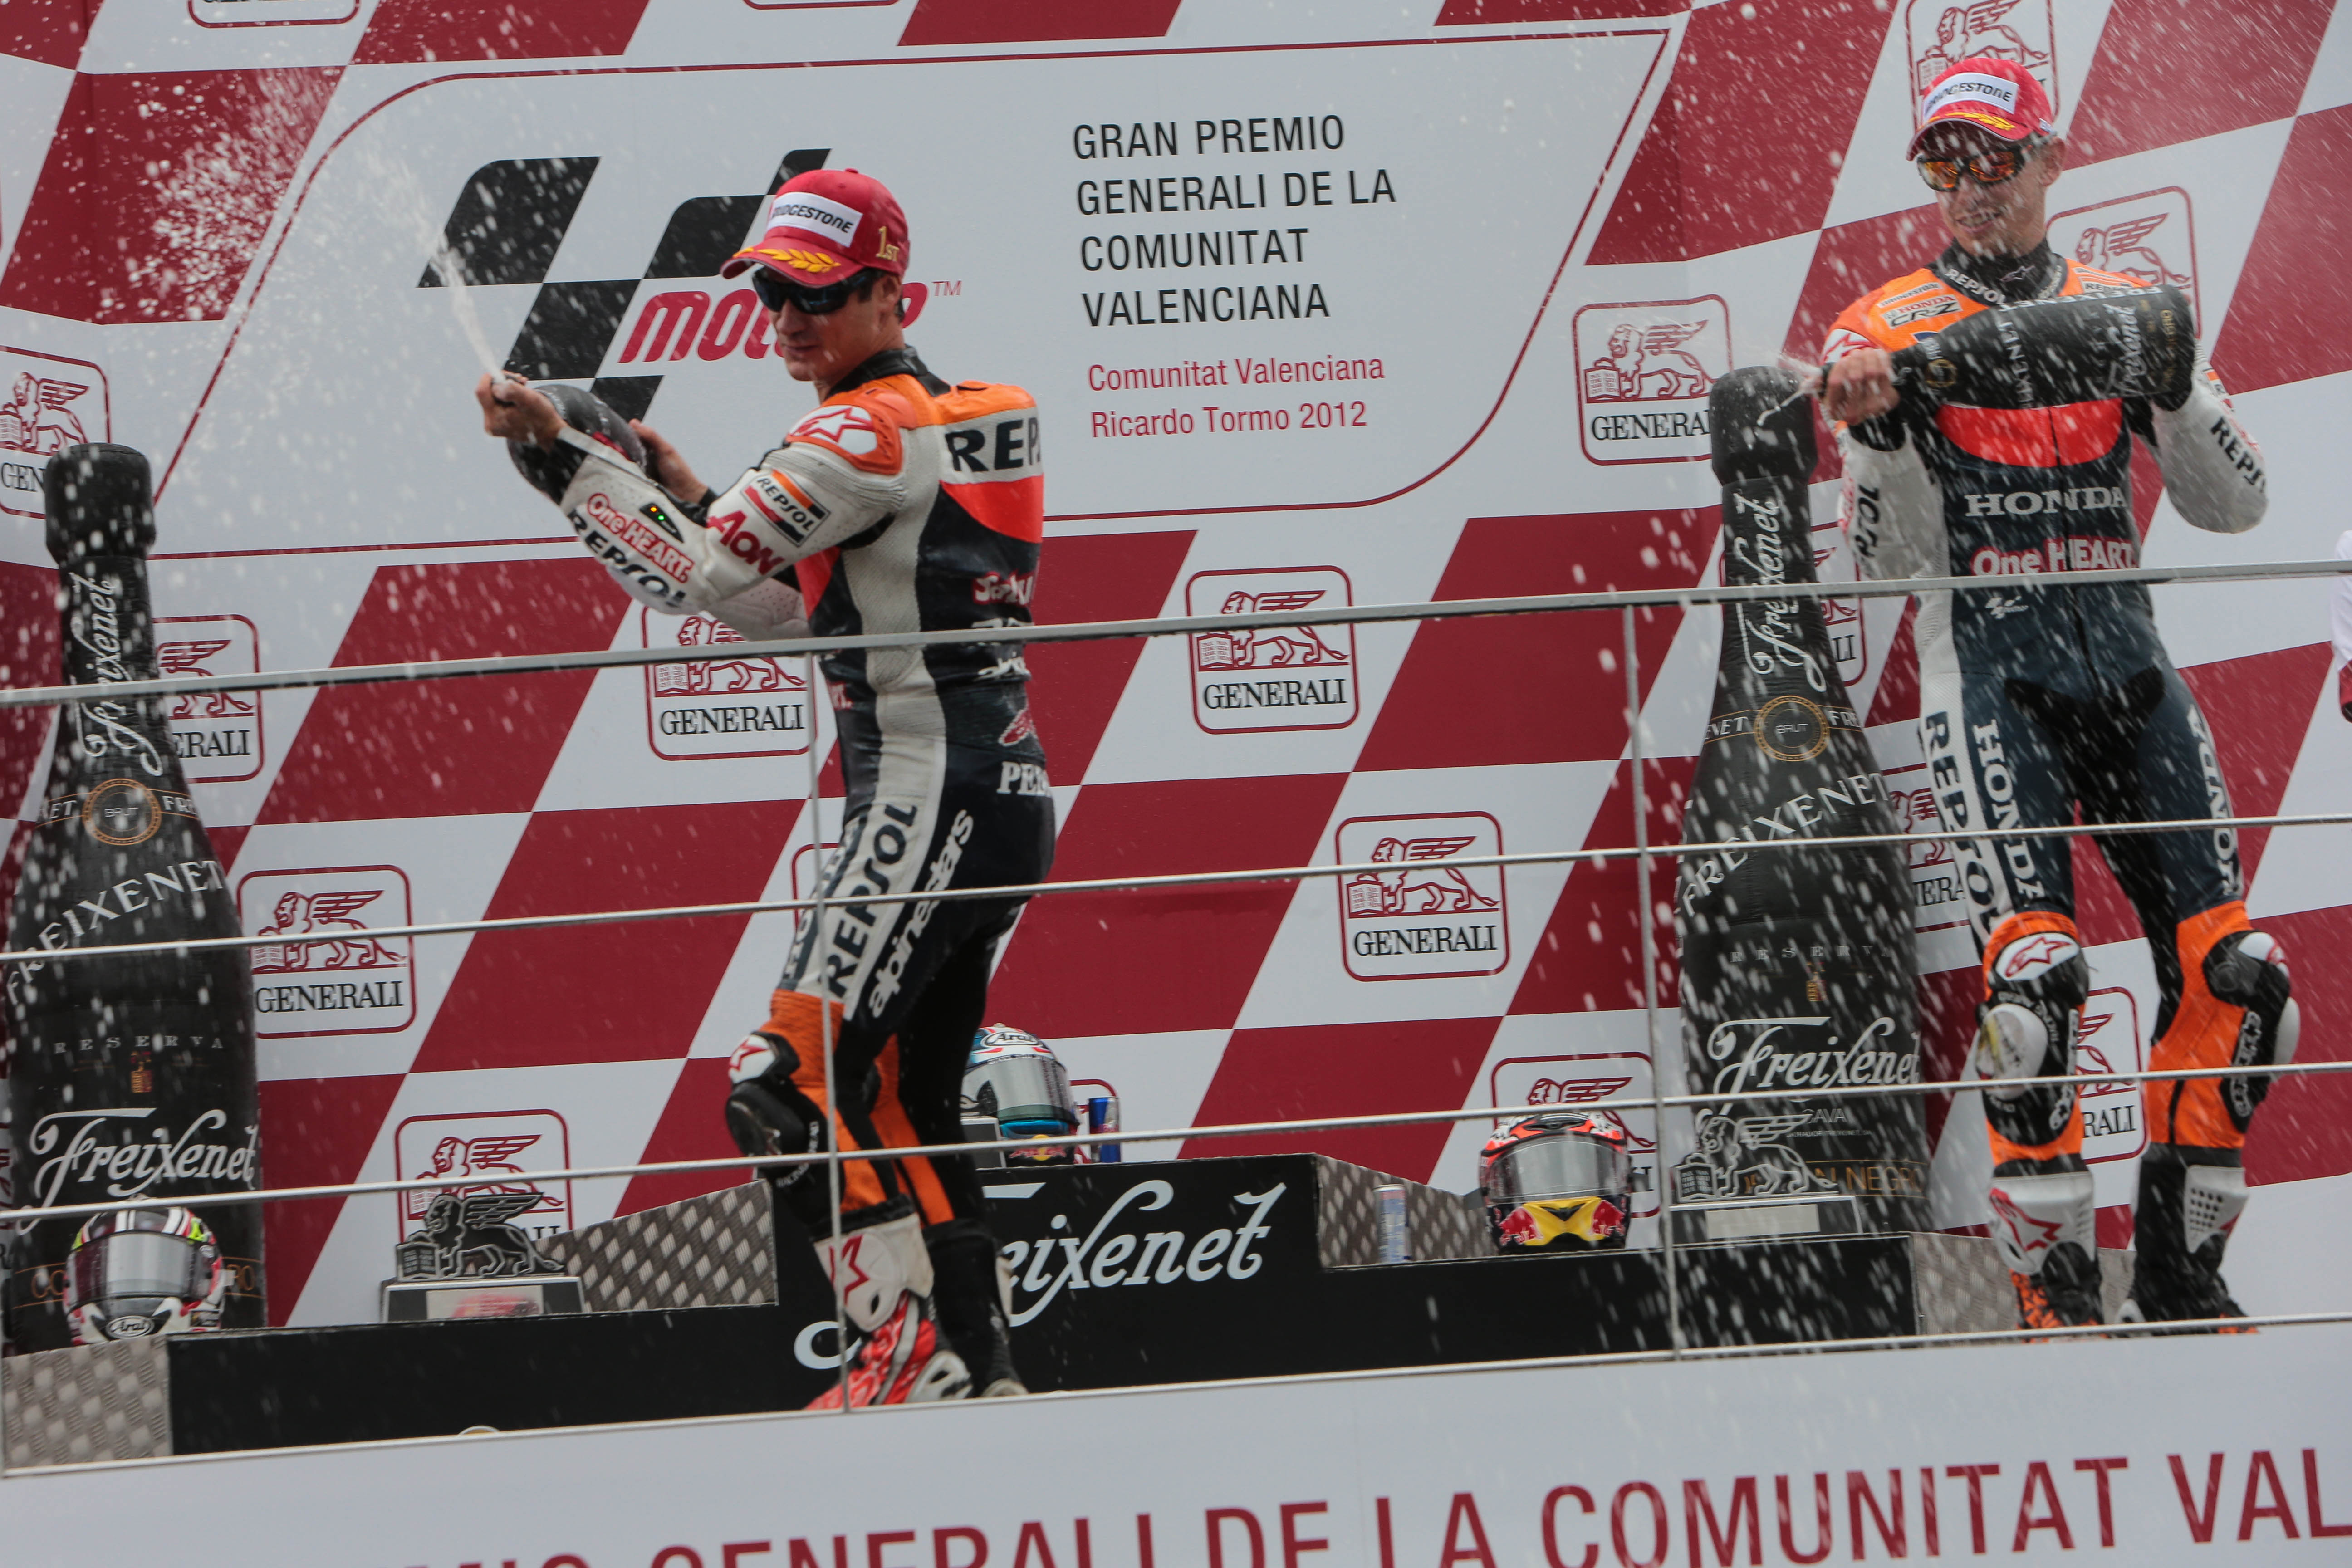 Dani Pedrosa con Casey Stoner en el podio tirando champán